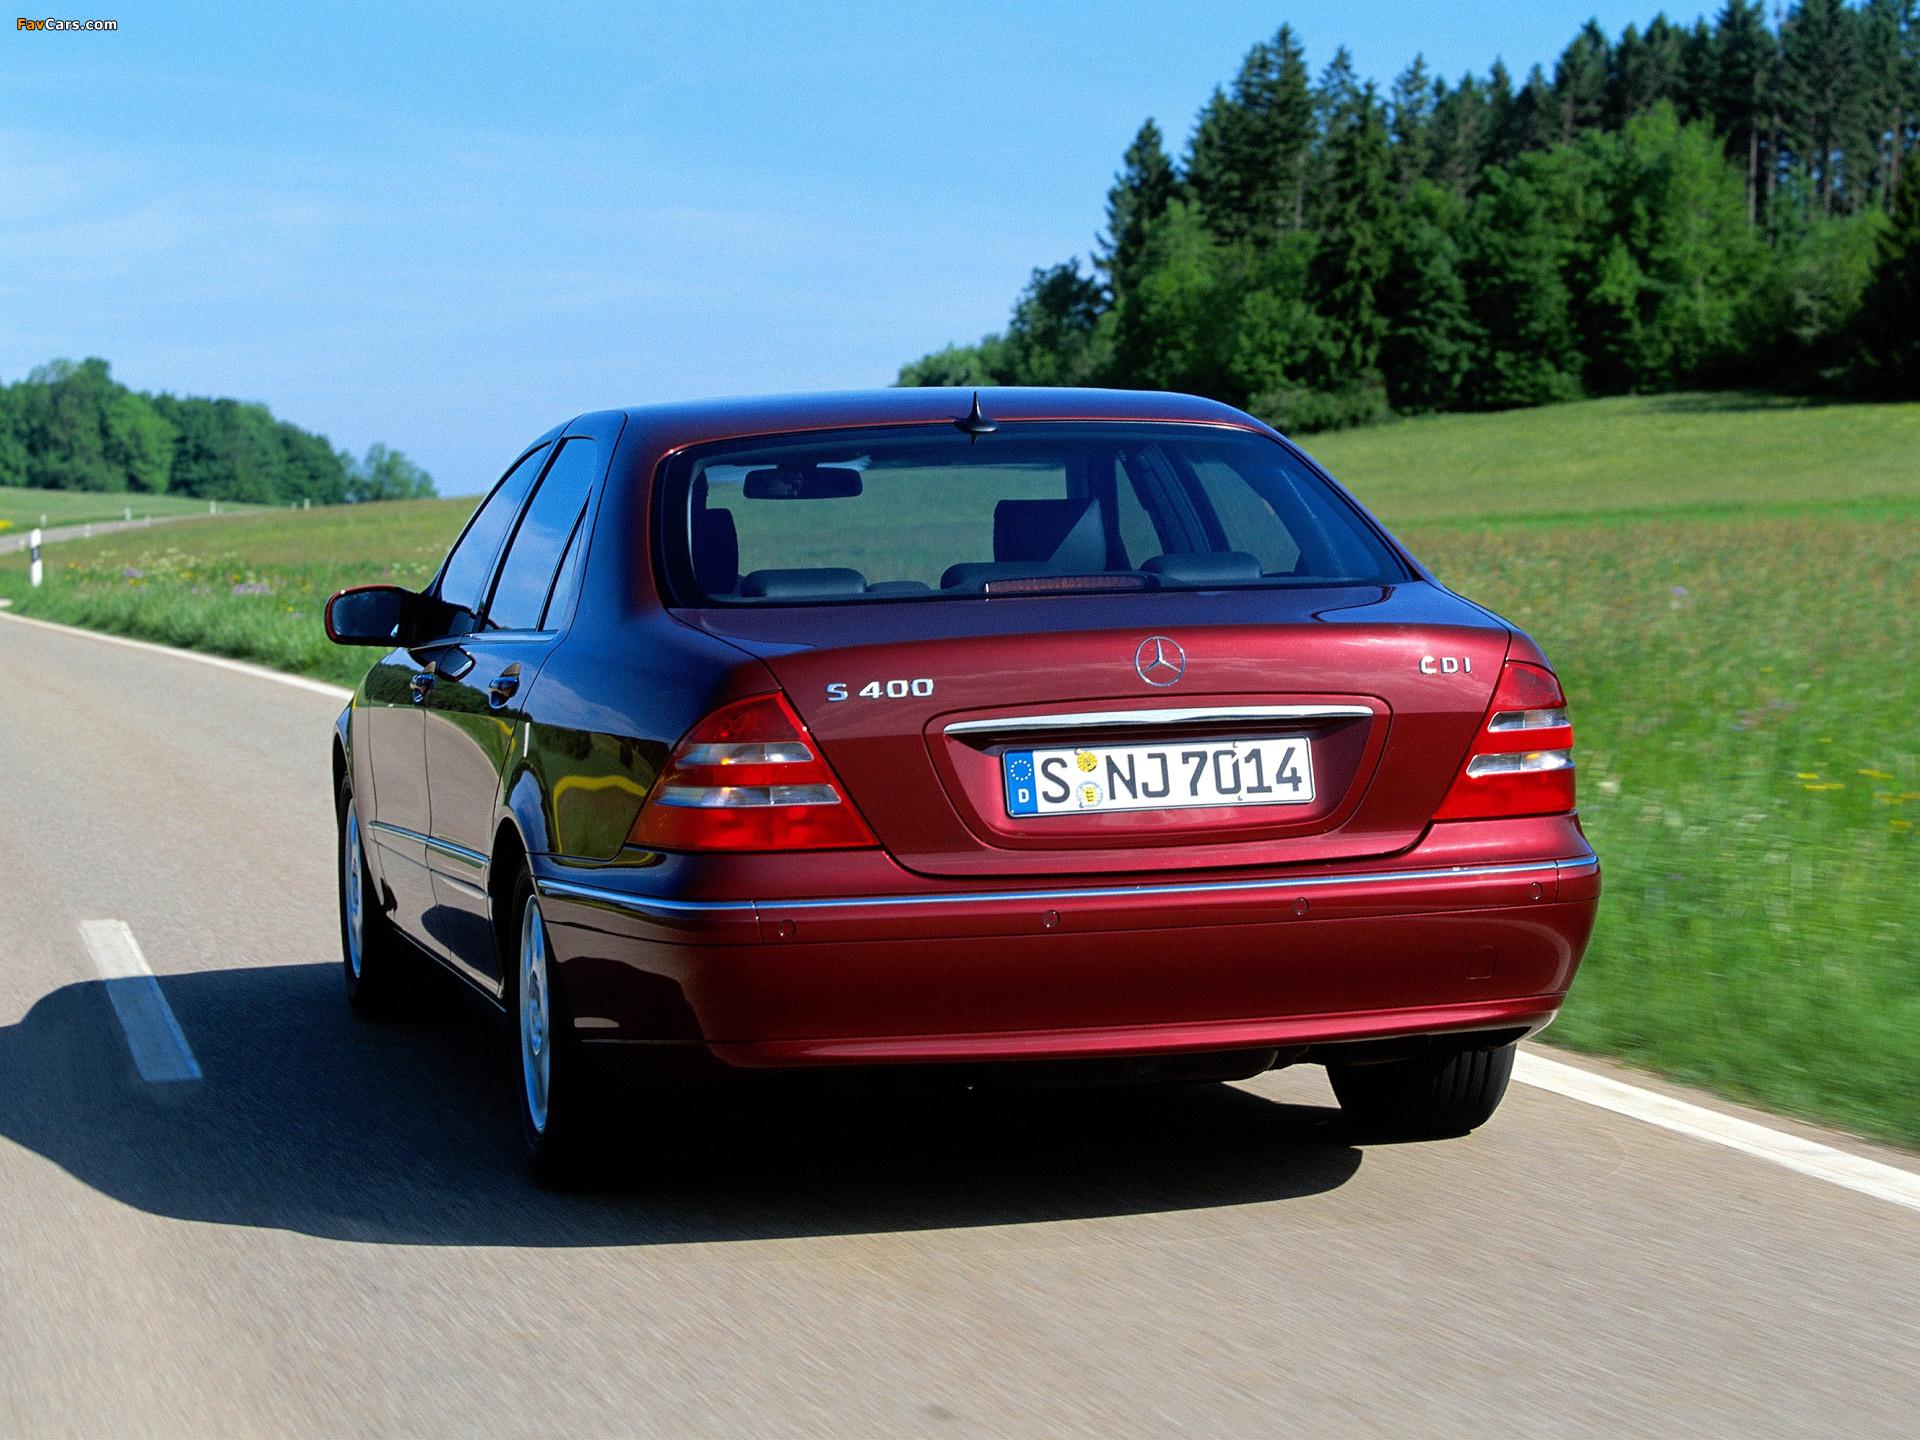 Mercedes-Benz S 400 CDI (W220) 1999–2002 photos (1920 x 1440)